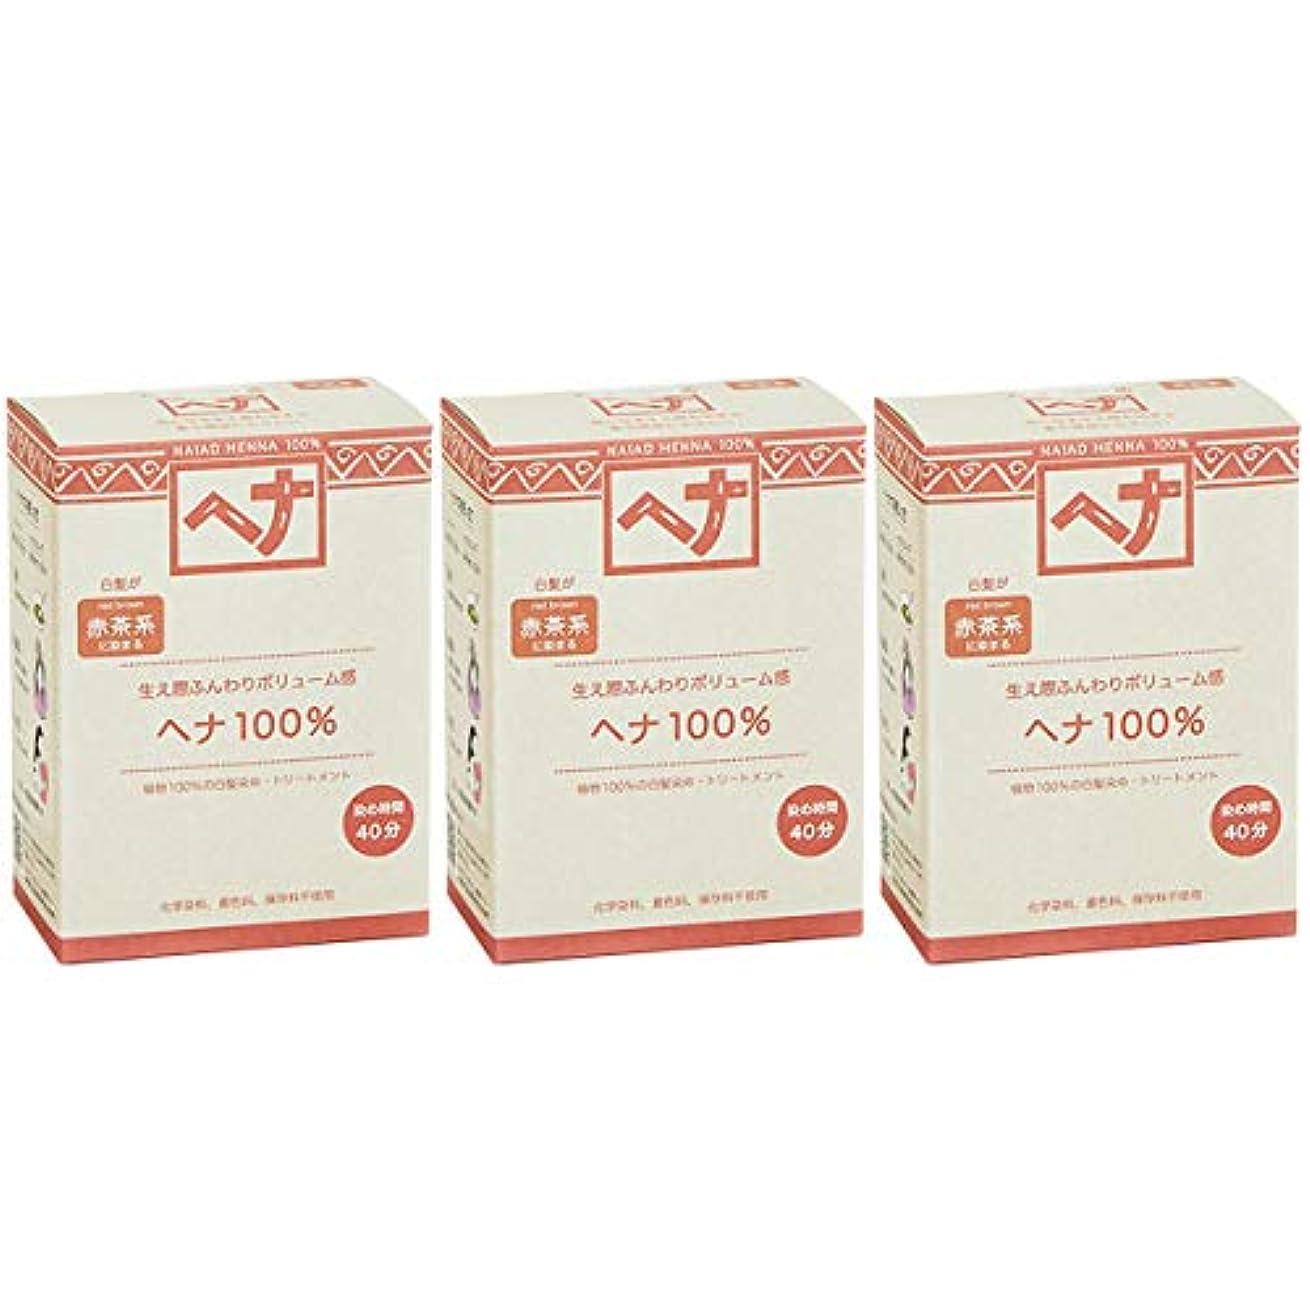 ディスクプレフィックスおもてなしナイアード ヘナ 100% 赤茶系 生え際ふんわりボリューム感 100g 3個セット 白髪染め 100%植物でつくられた自然素材